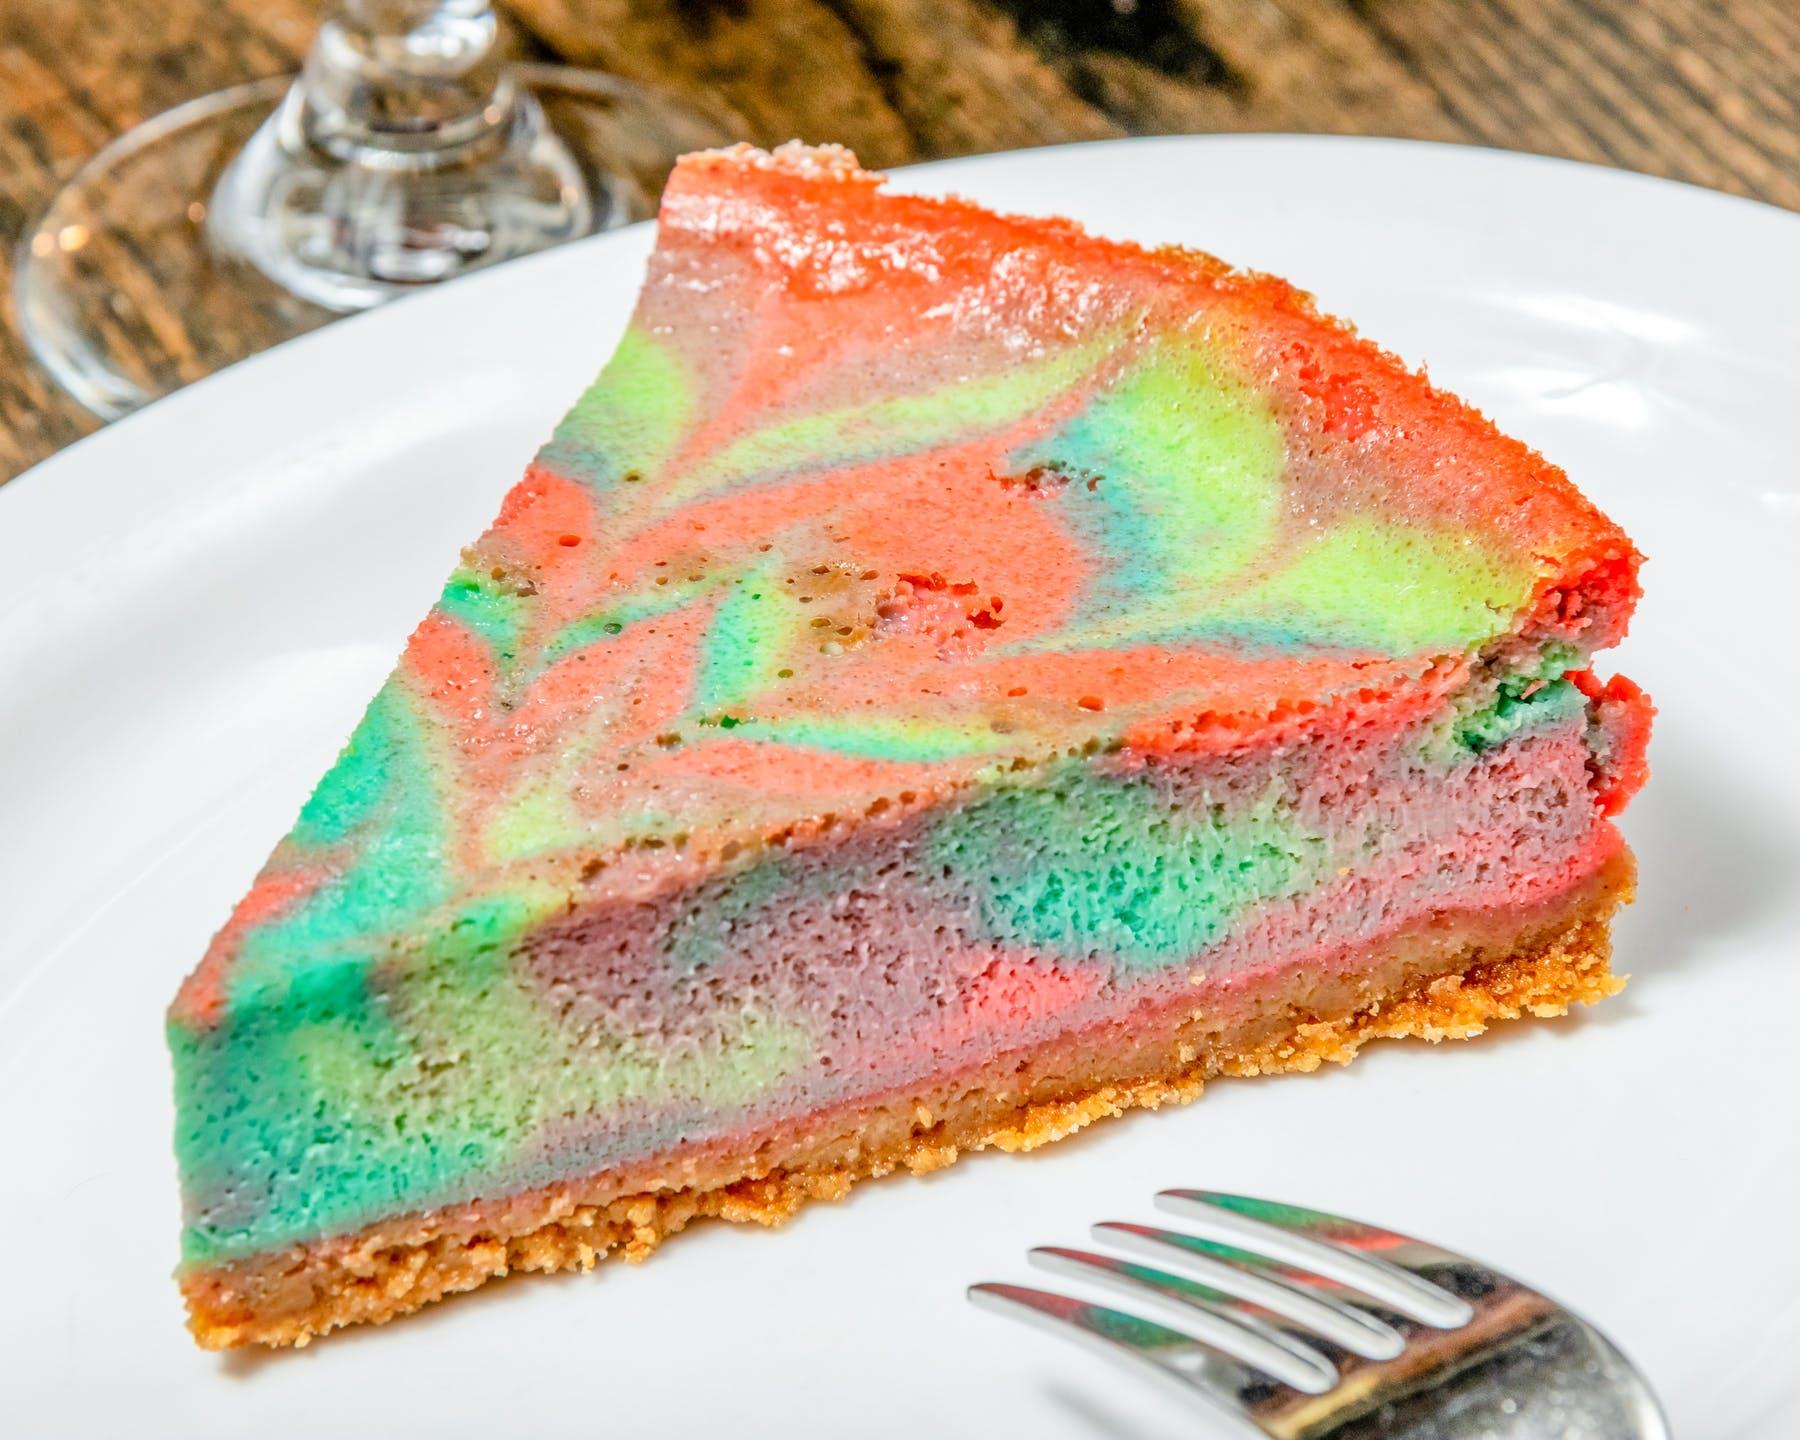 rainbow swirl cheesecake dessert